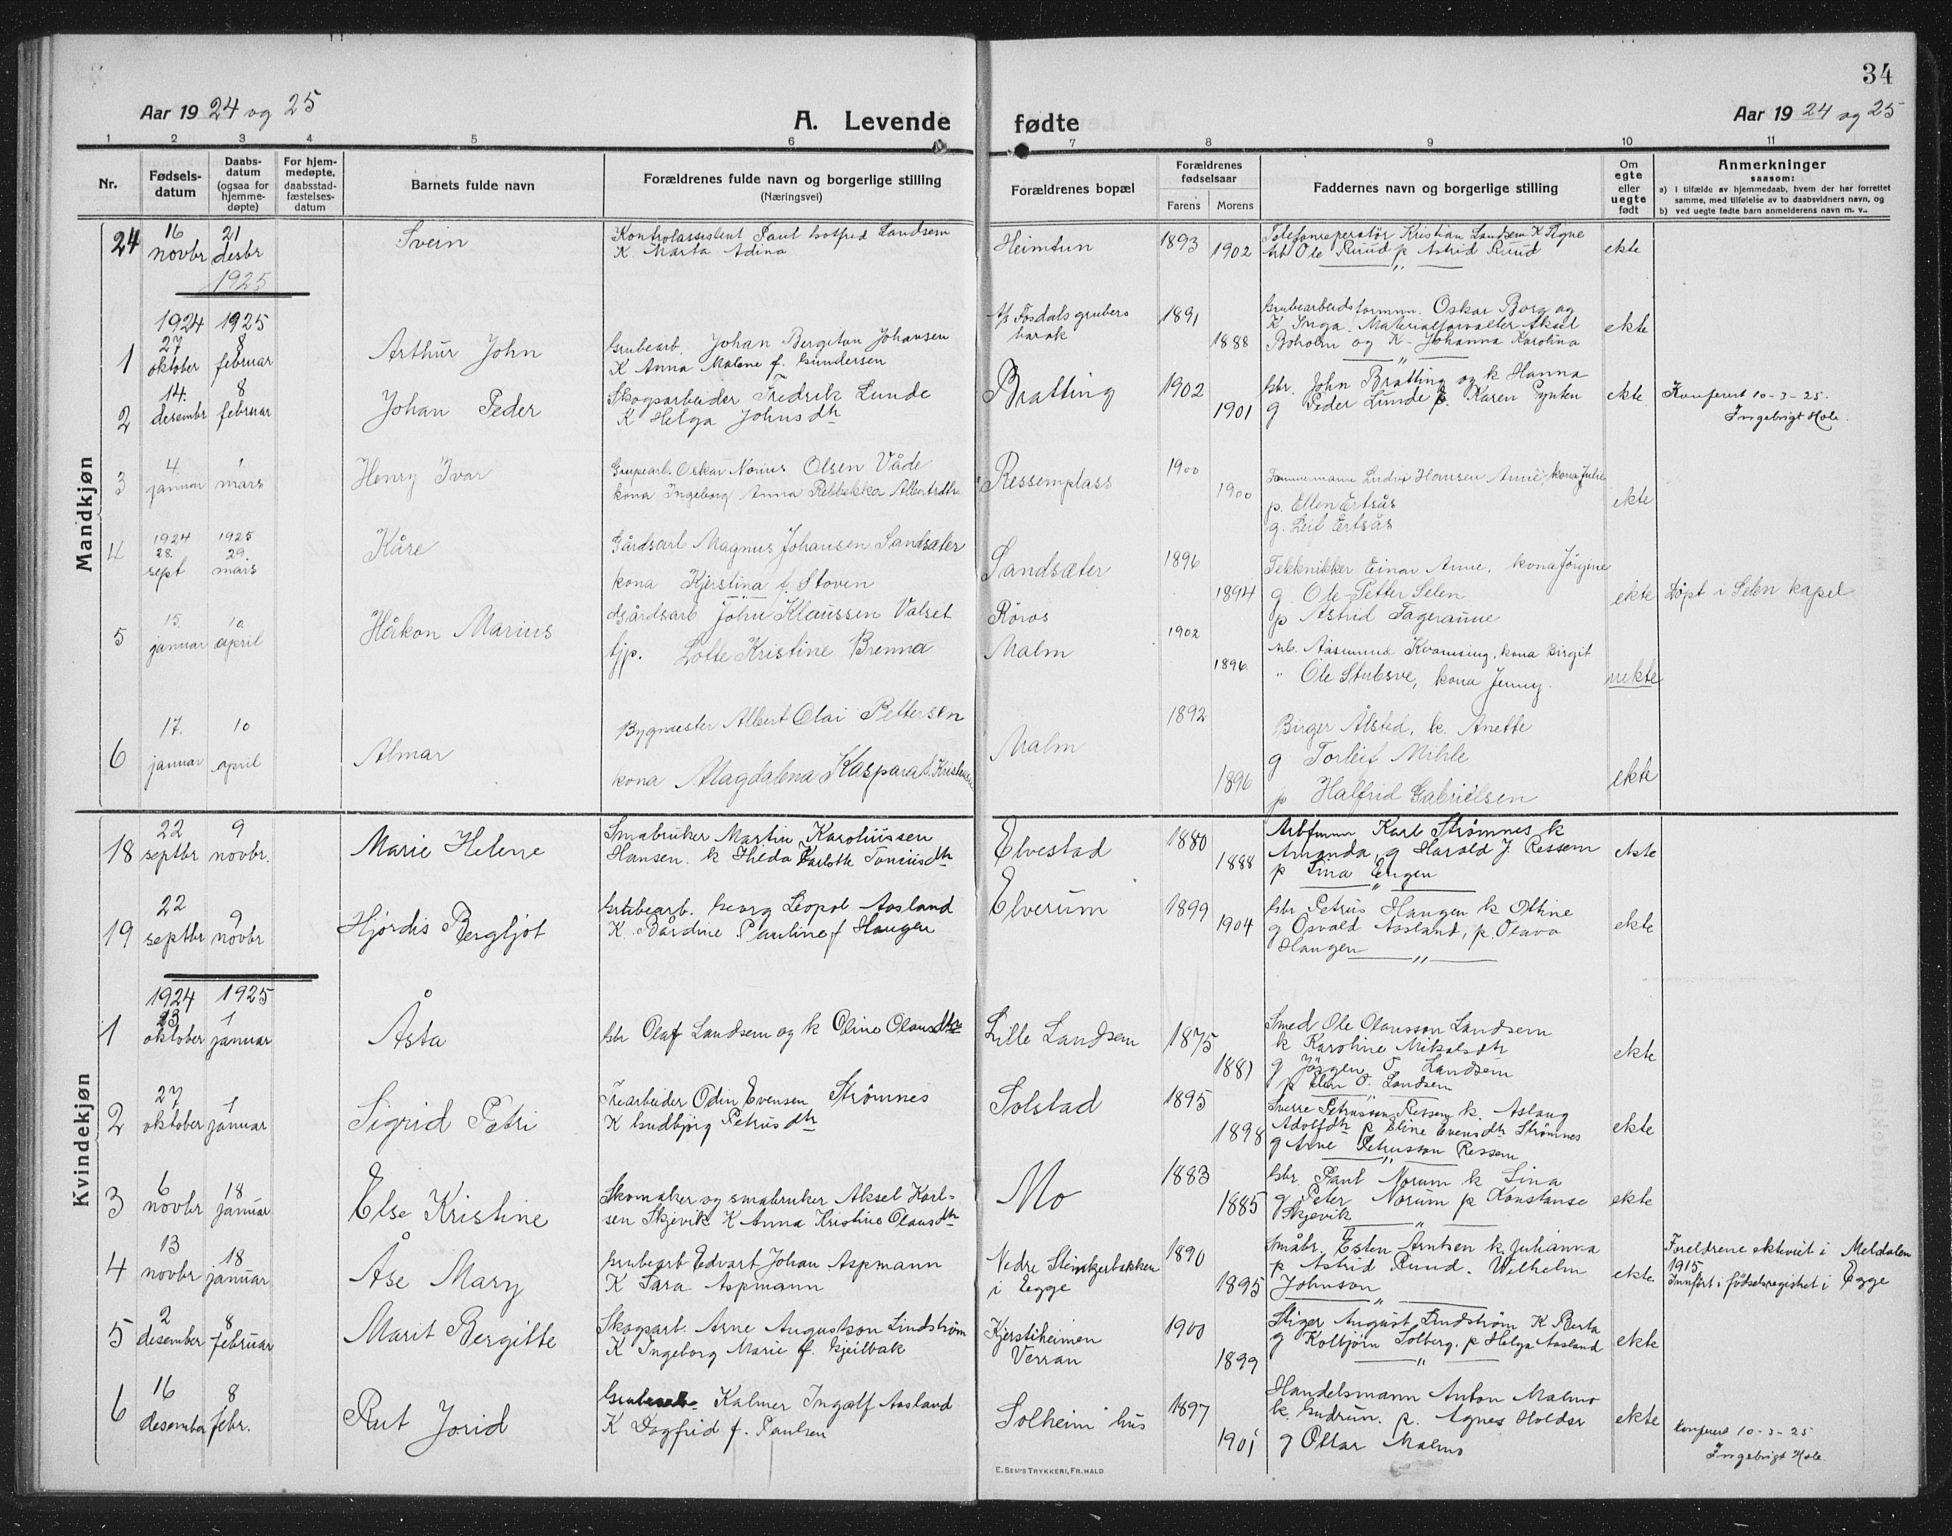 SAT, Ministerialprotokoller, klokkerbøker og fødselsregistre - Nord-Trøndelag, 745/L0434: Klokkerbok nr. 745C03, 1914-1937, s. 34